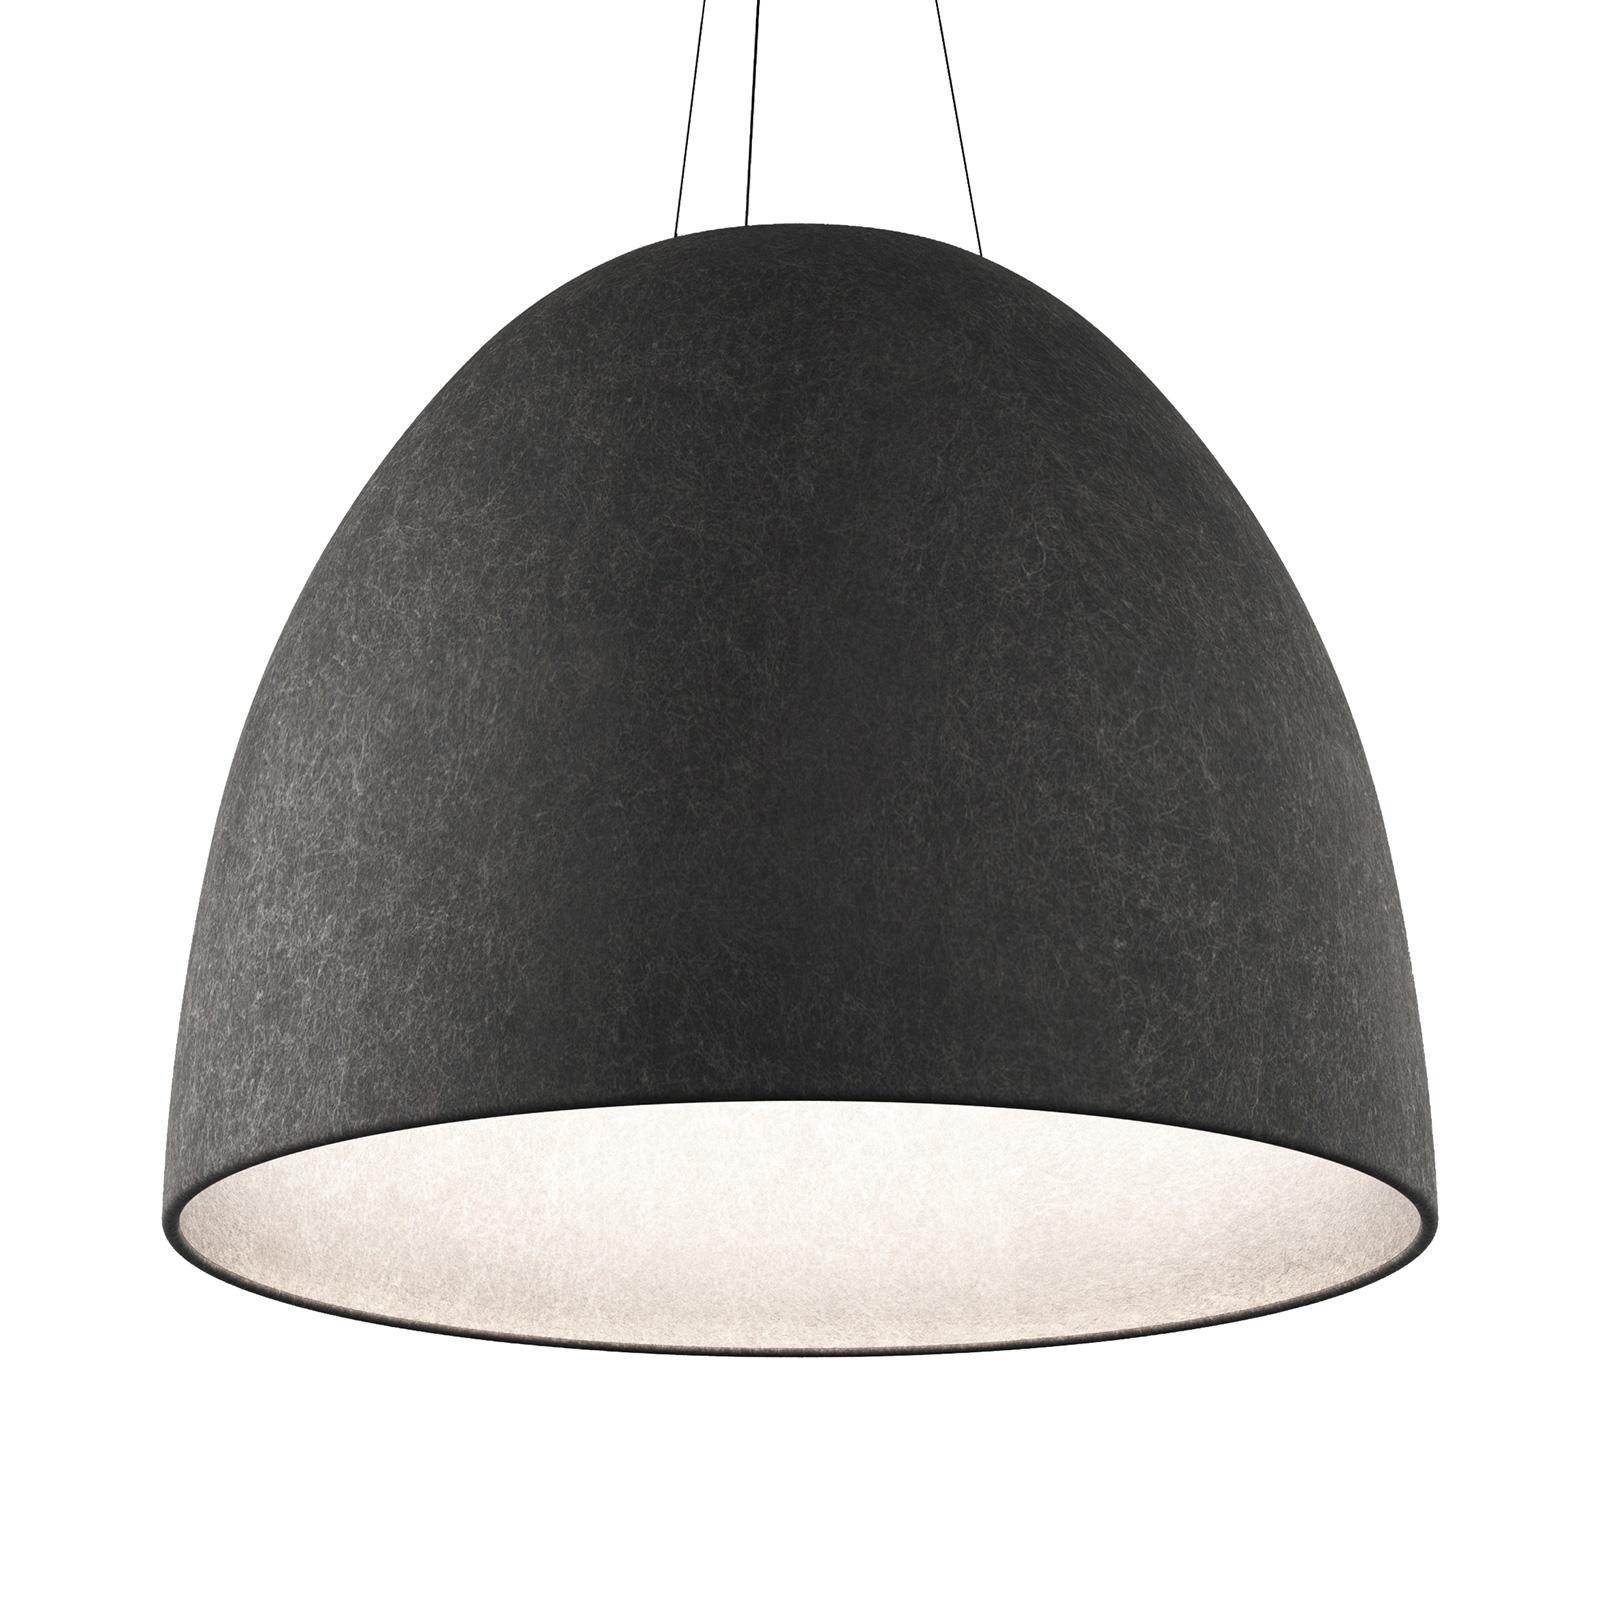 Artemide Nur Acoustic LED-Hängeleuchte, grau